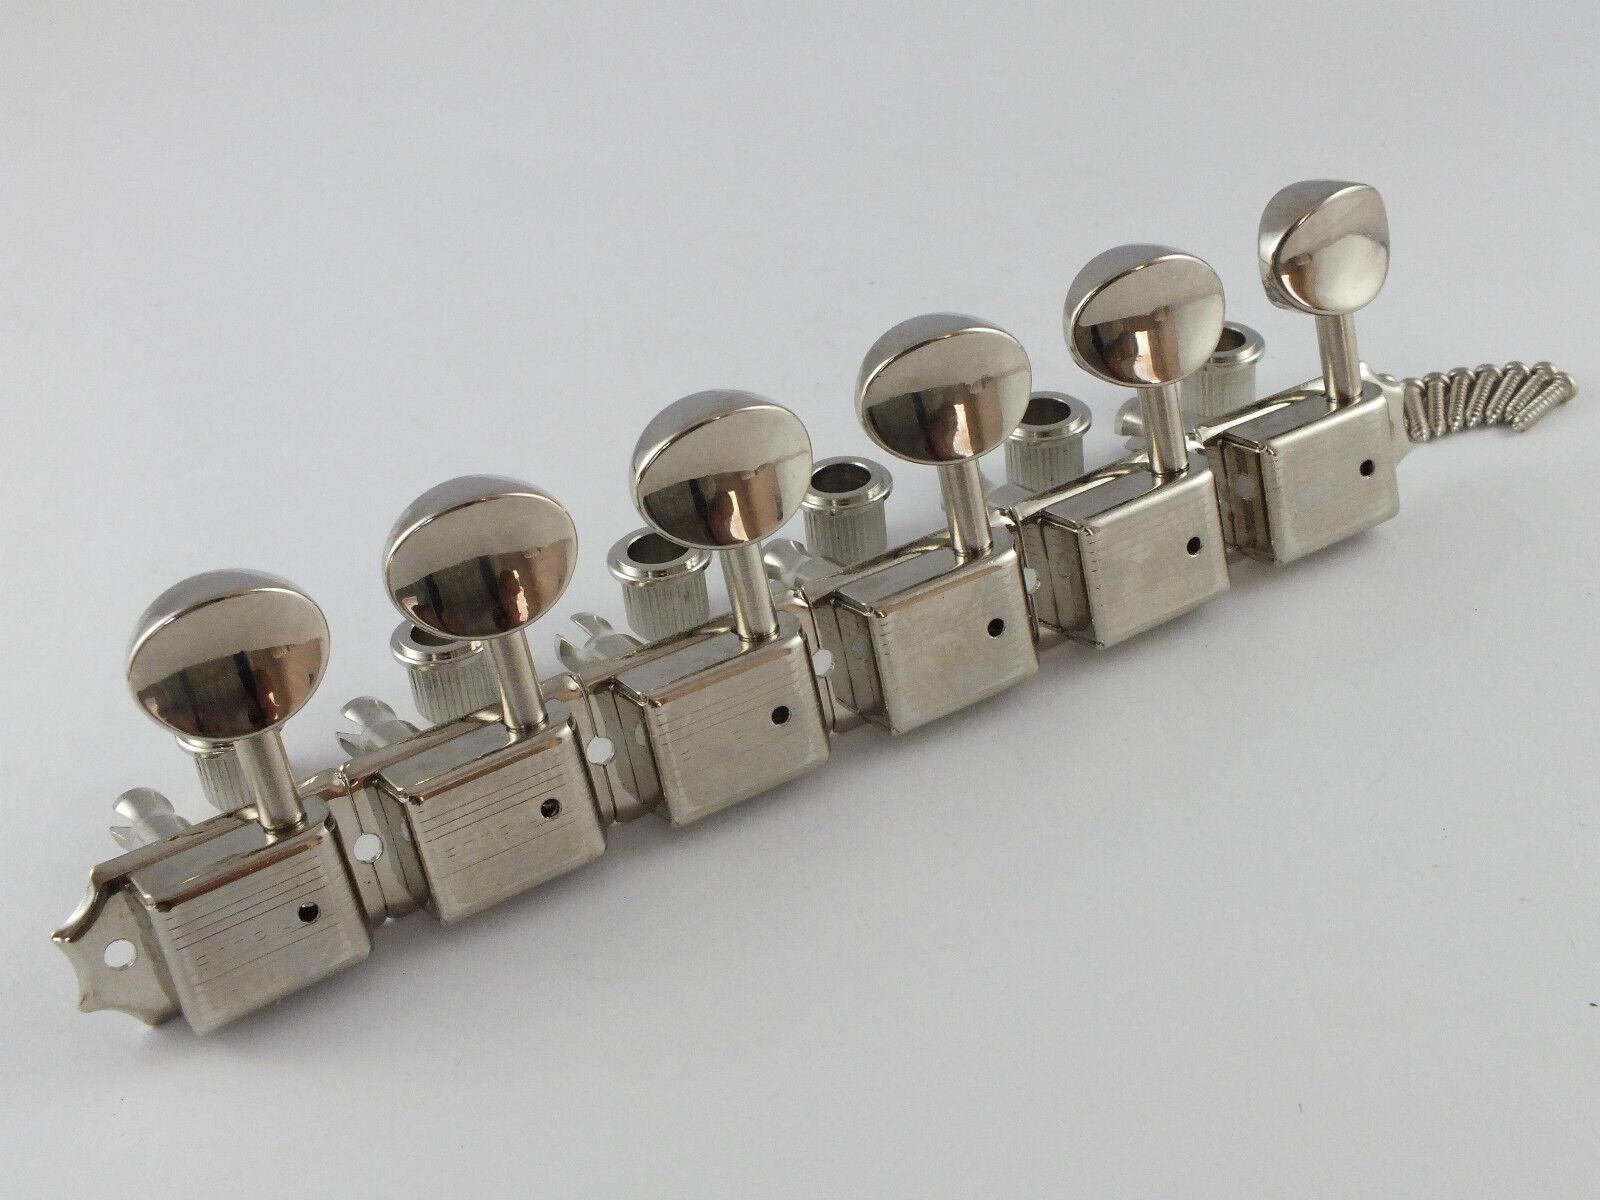 vendita scontata Mancino Mancino Mancino Kluson Vintage Nickel Meccaniche Singolo Linea SD9105MNR  più economico